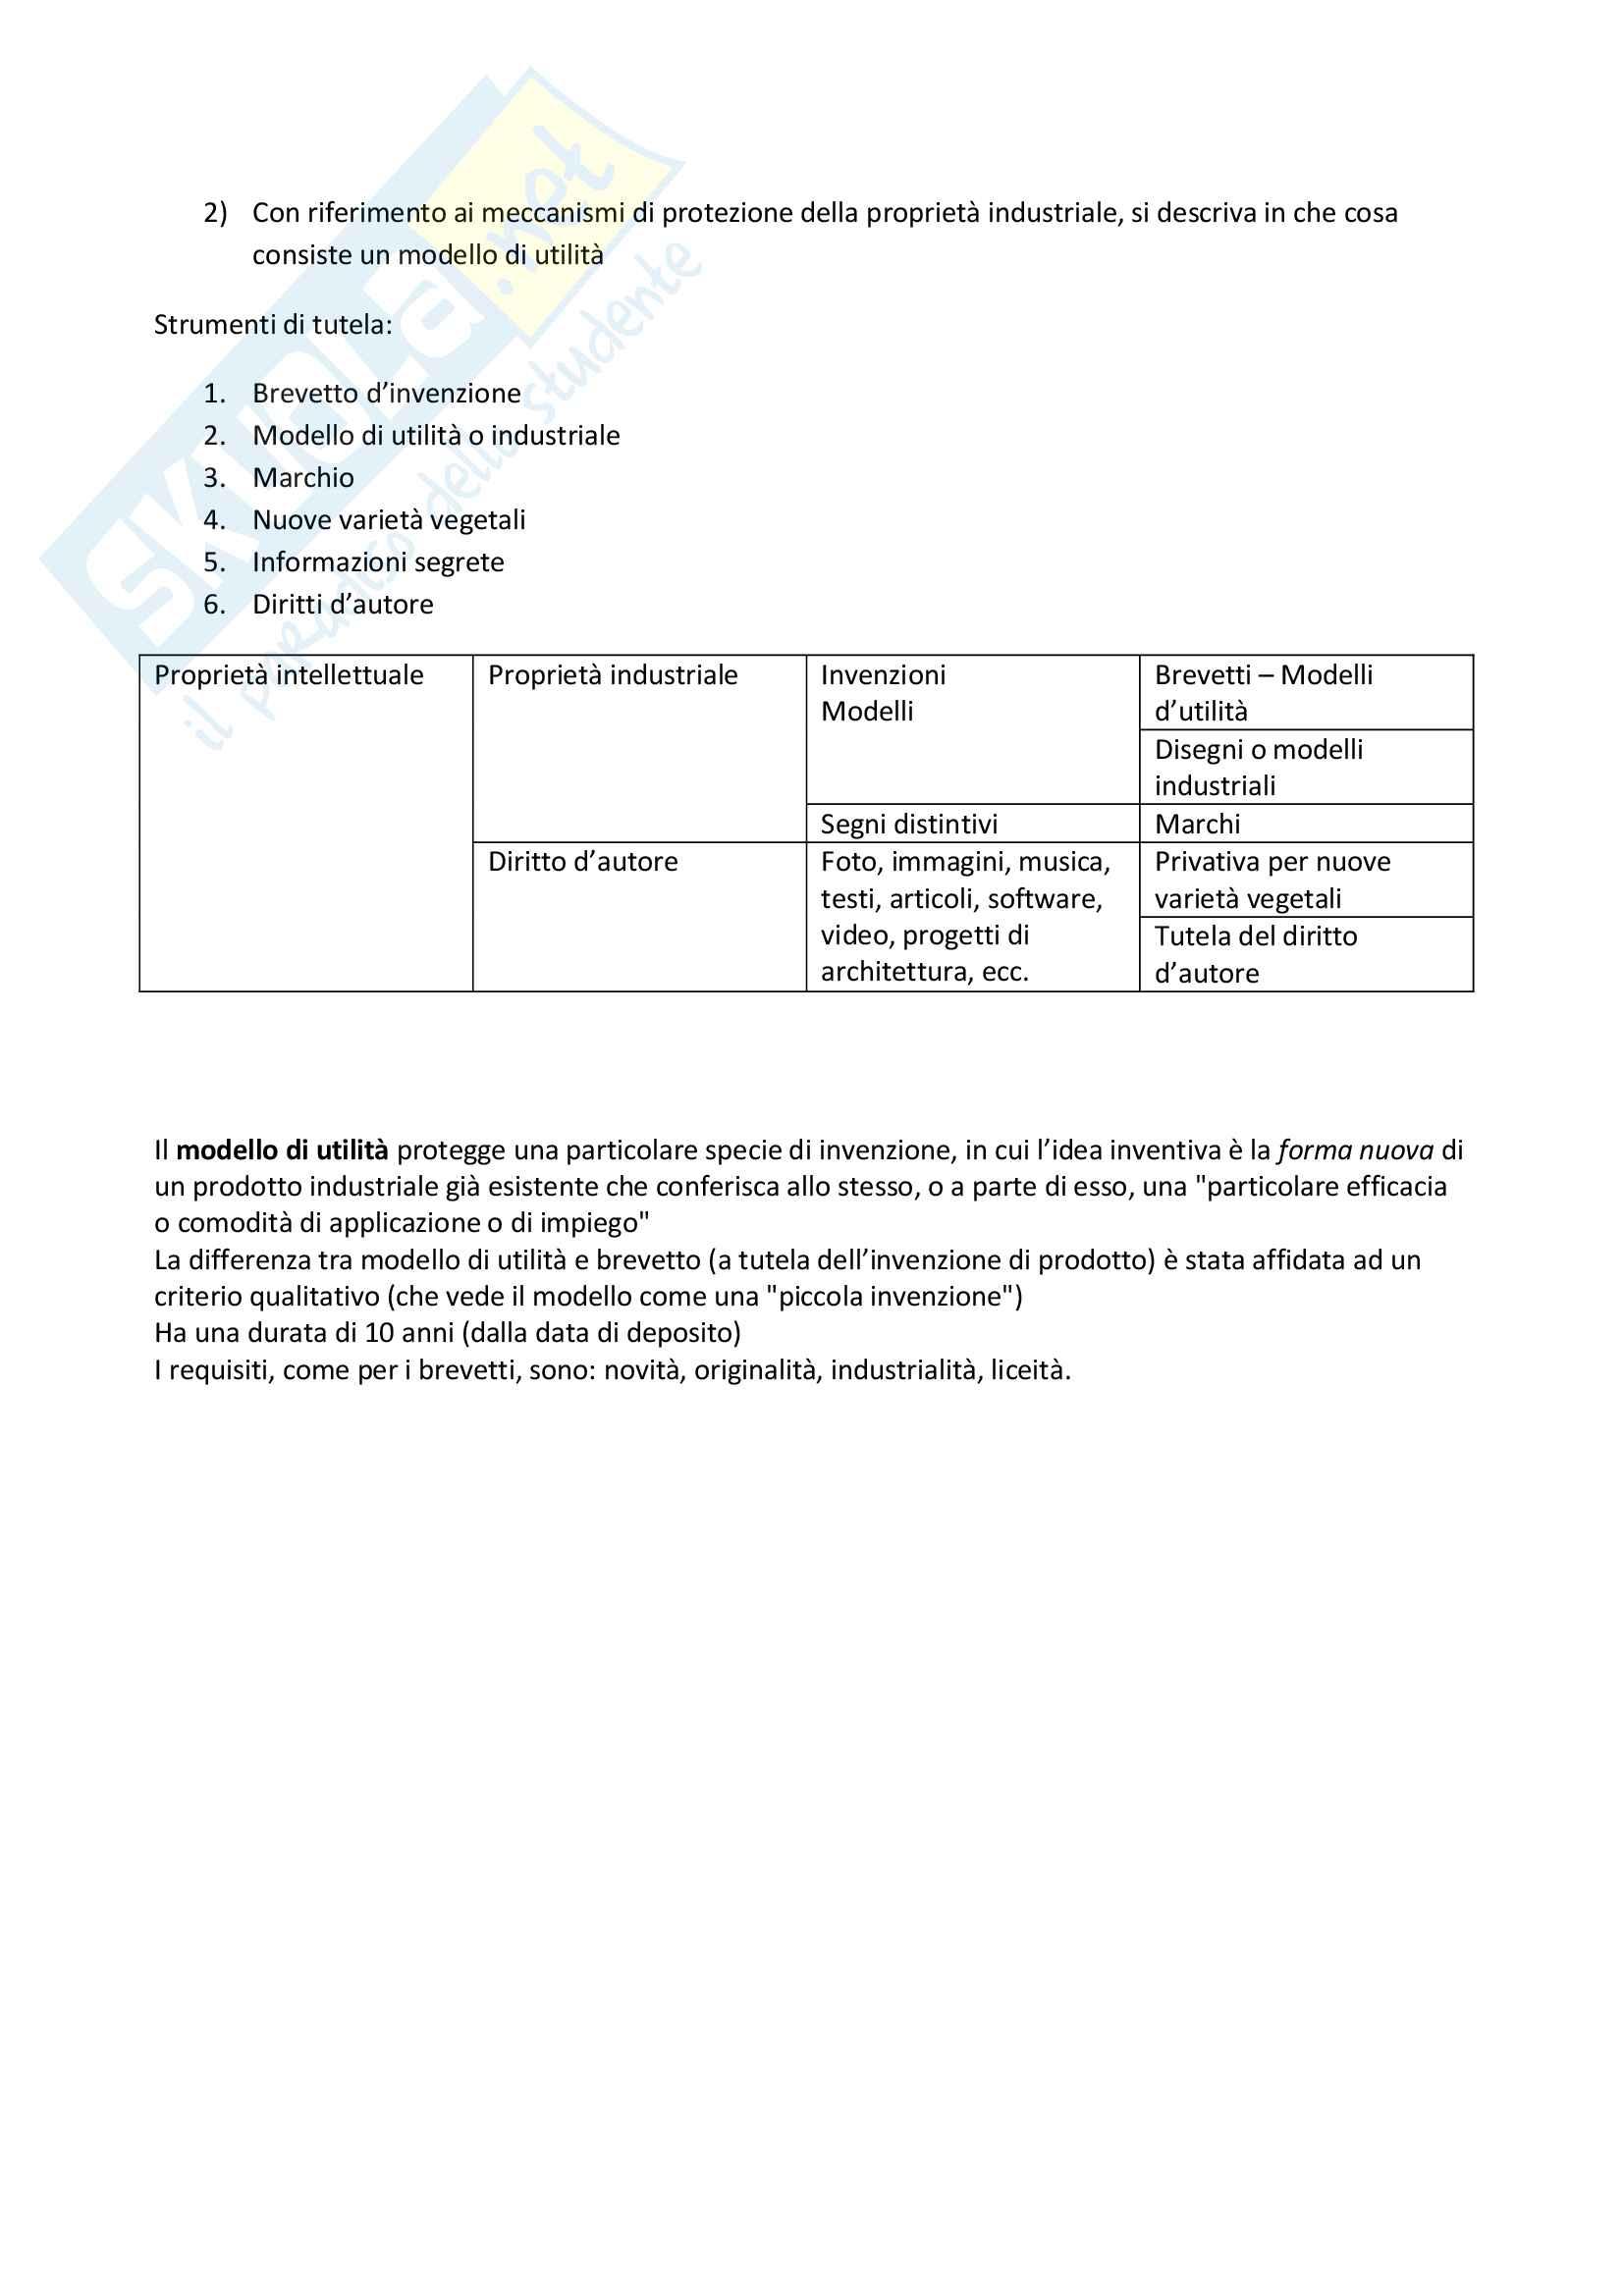 Fondamenti di Economia aziendale e dell'innovazione T - Simulazione esami Pag. 2